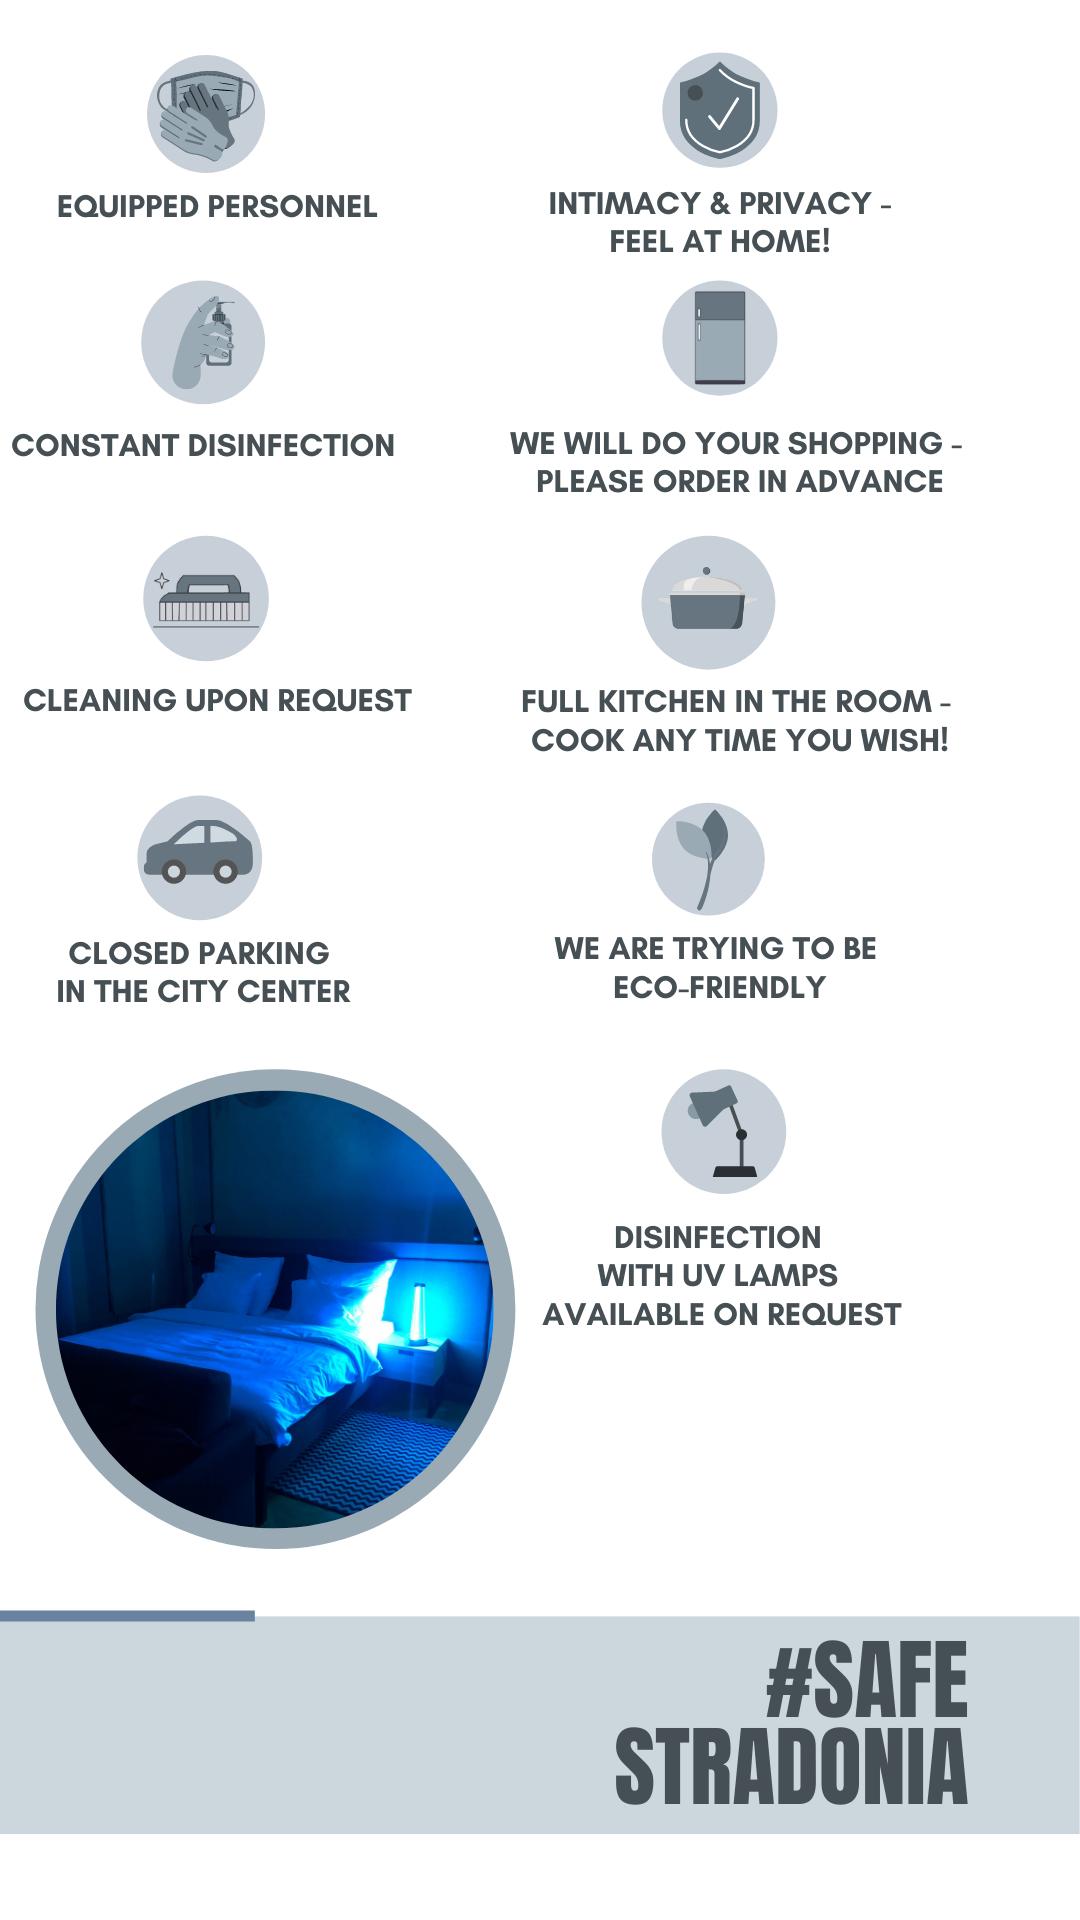 dezynfekcja-lampami-uv-bezplatnie-na-zyczenie-8